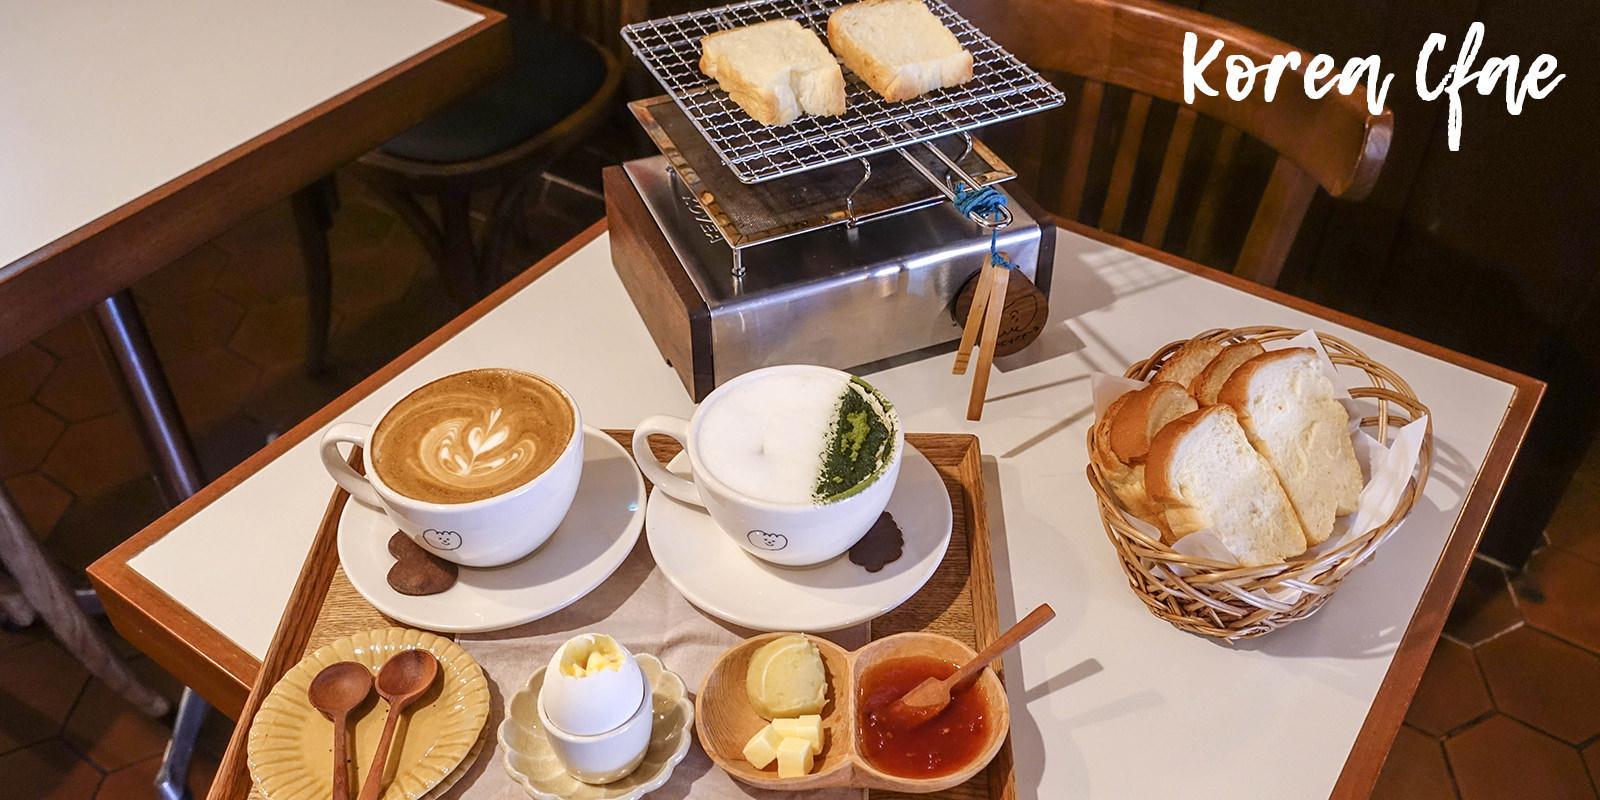 韓國咖啡館地圖